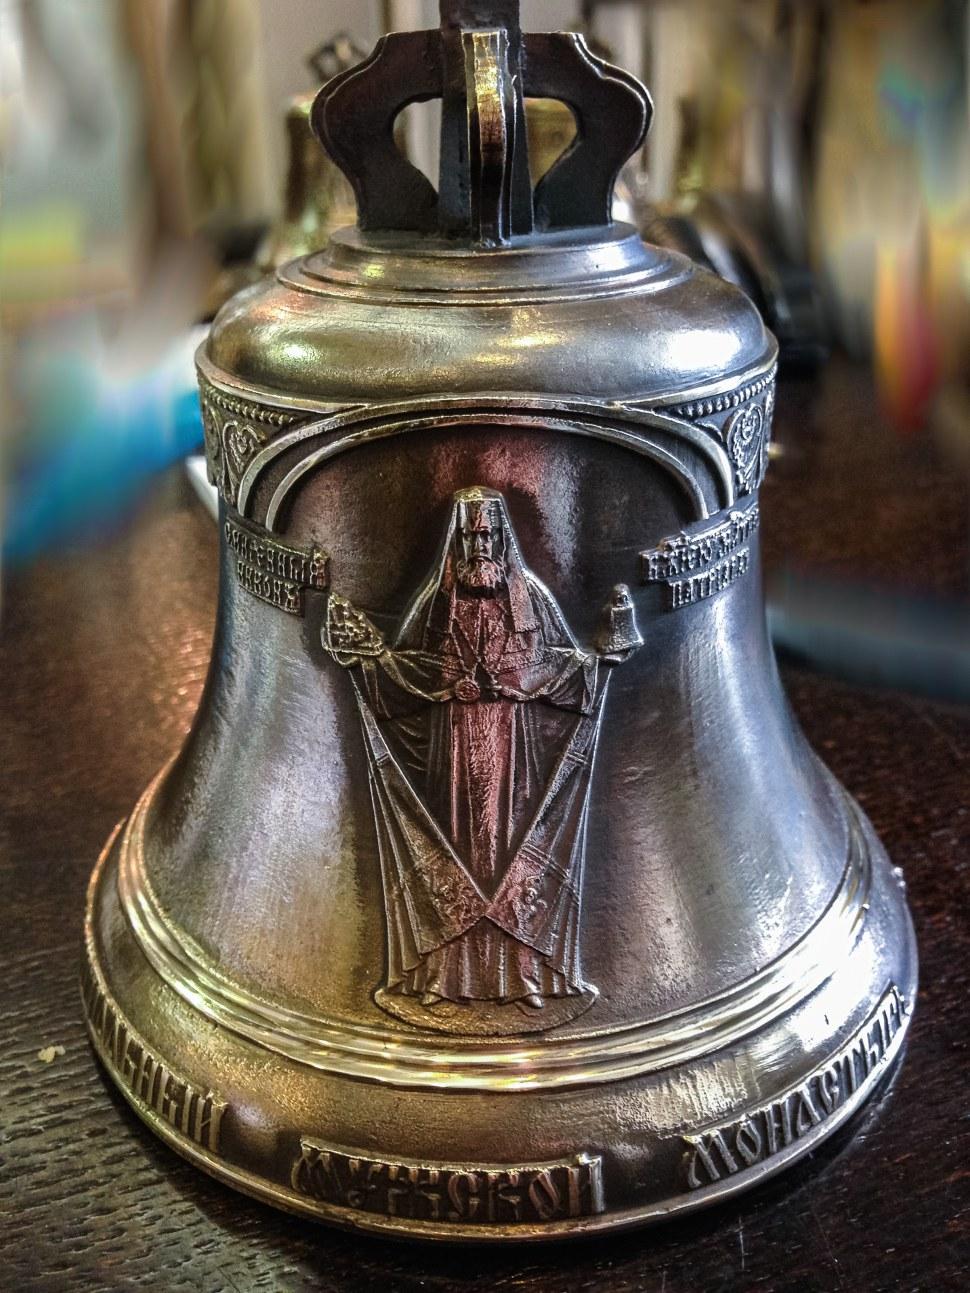 Колокольчики 1 кг и 0,3 кг копия колокола 8500 кг отлитого для Воскресенского Ново-Иерусалимского мужского монастыря, г.Истра